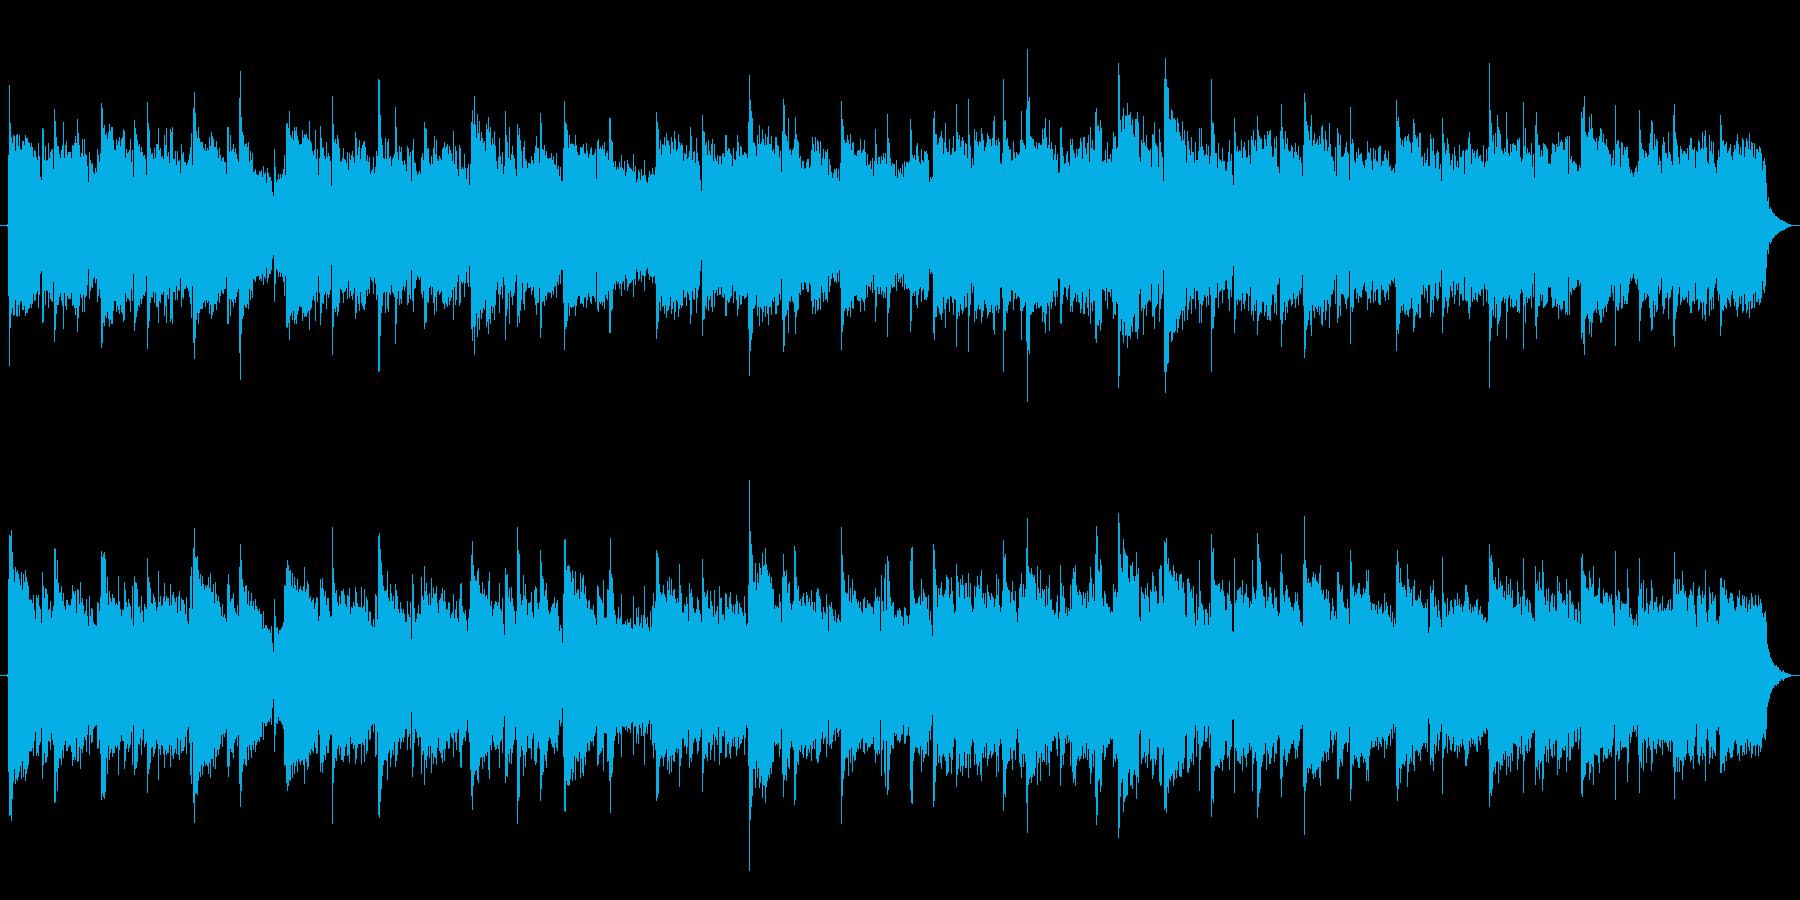 感動的なオーケストラサウンドの再生済みの波形